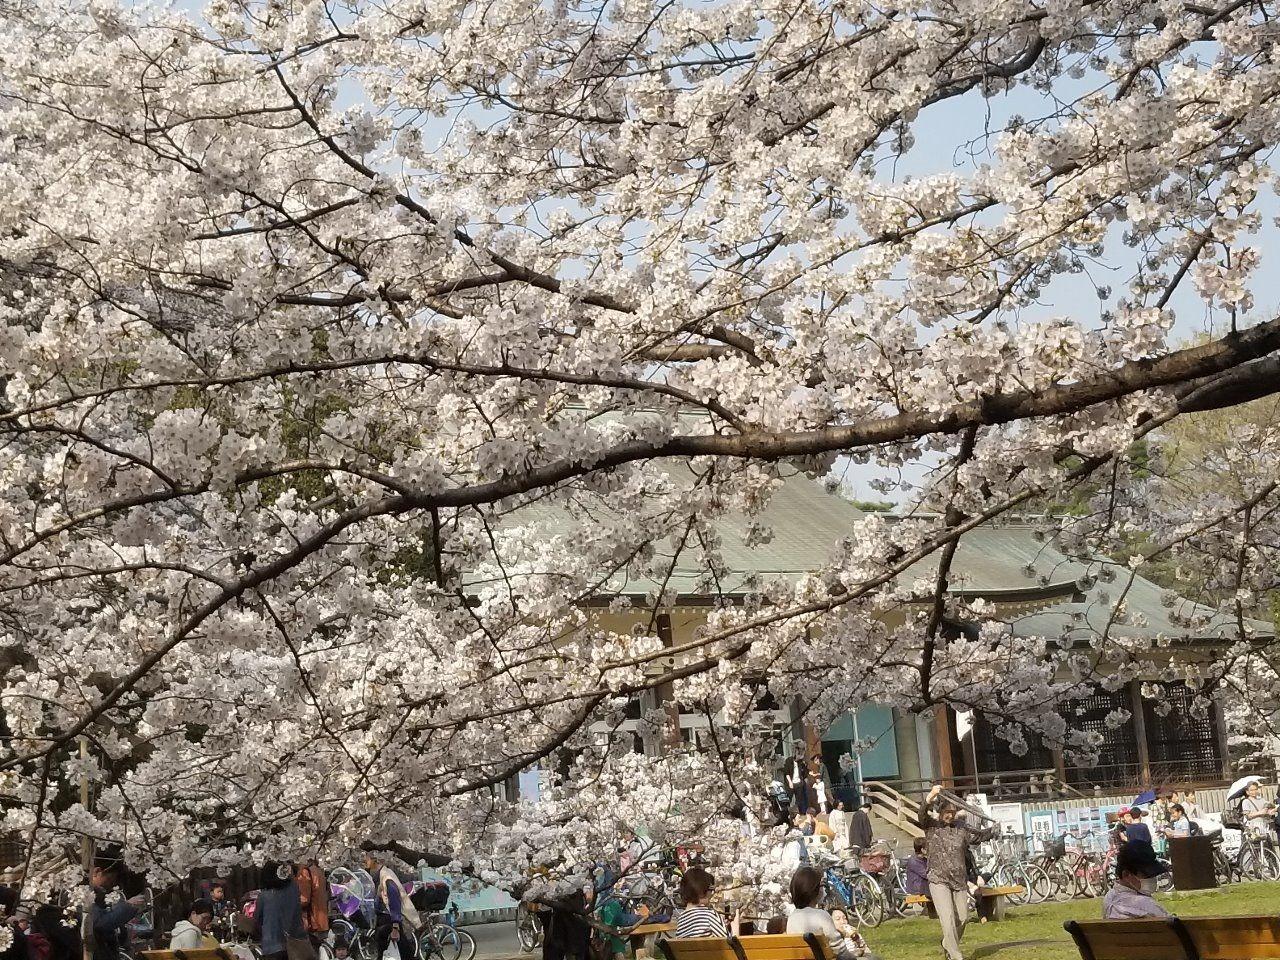 桜の園正面にある建物園。歴史ある建物の内部まで見ることができます。